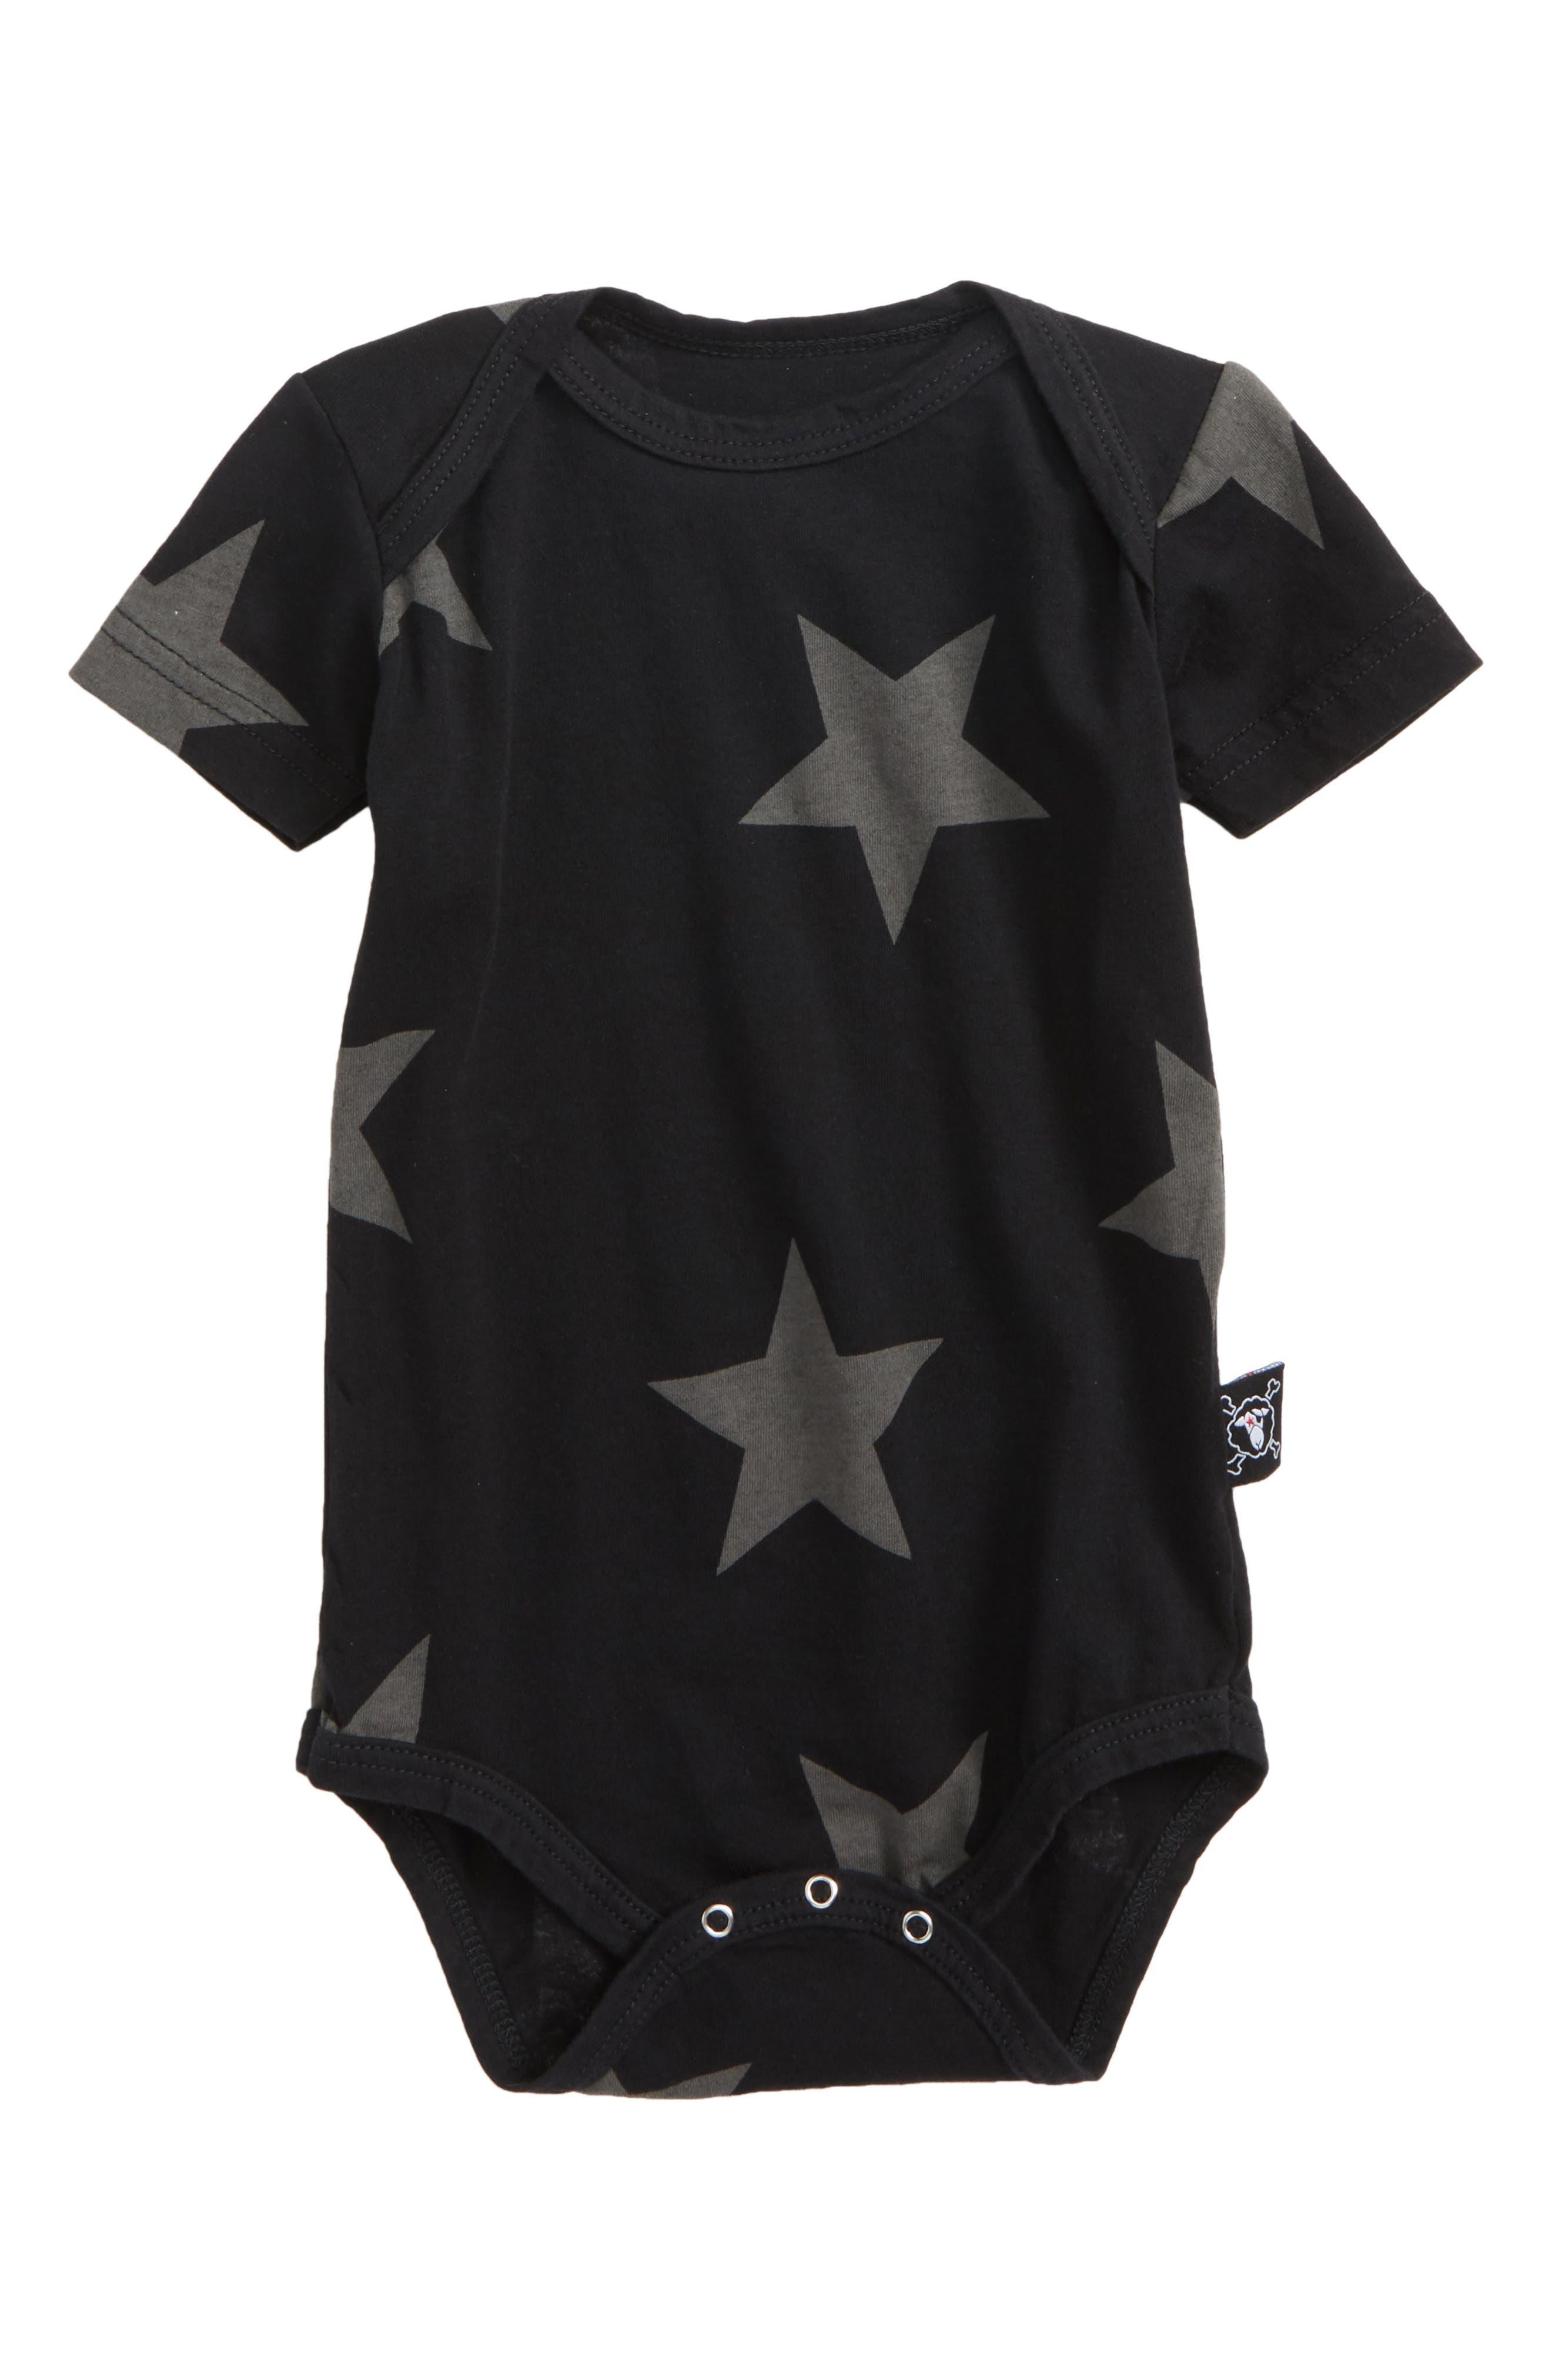 Nununu Star Bodysuit Bodysuit (Baby)